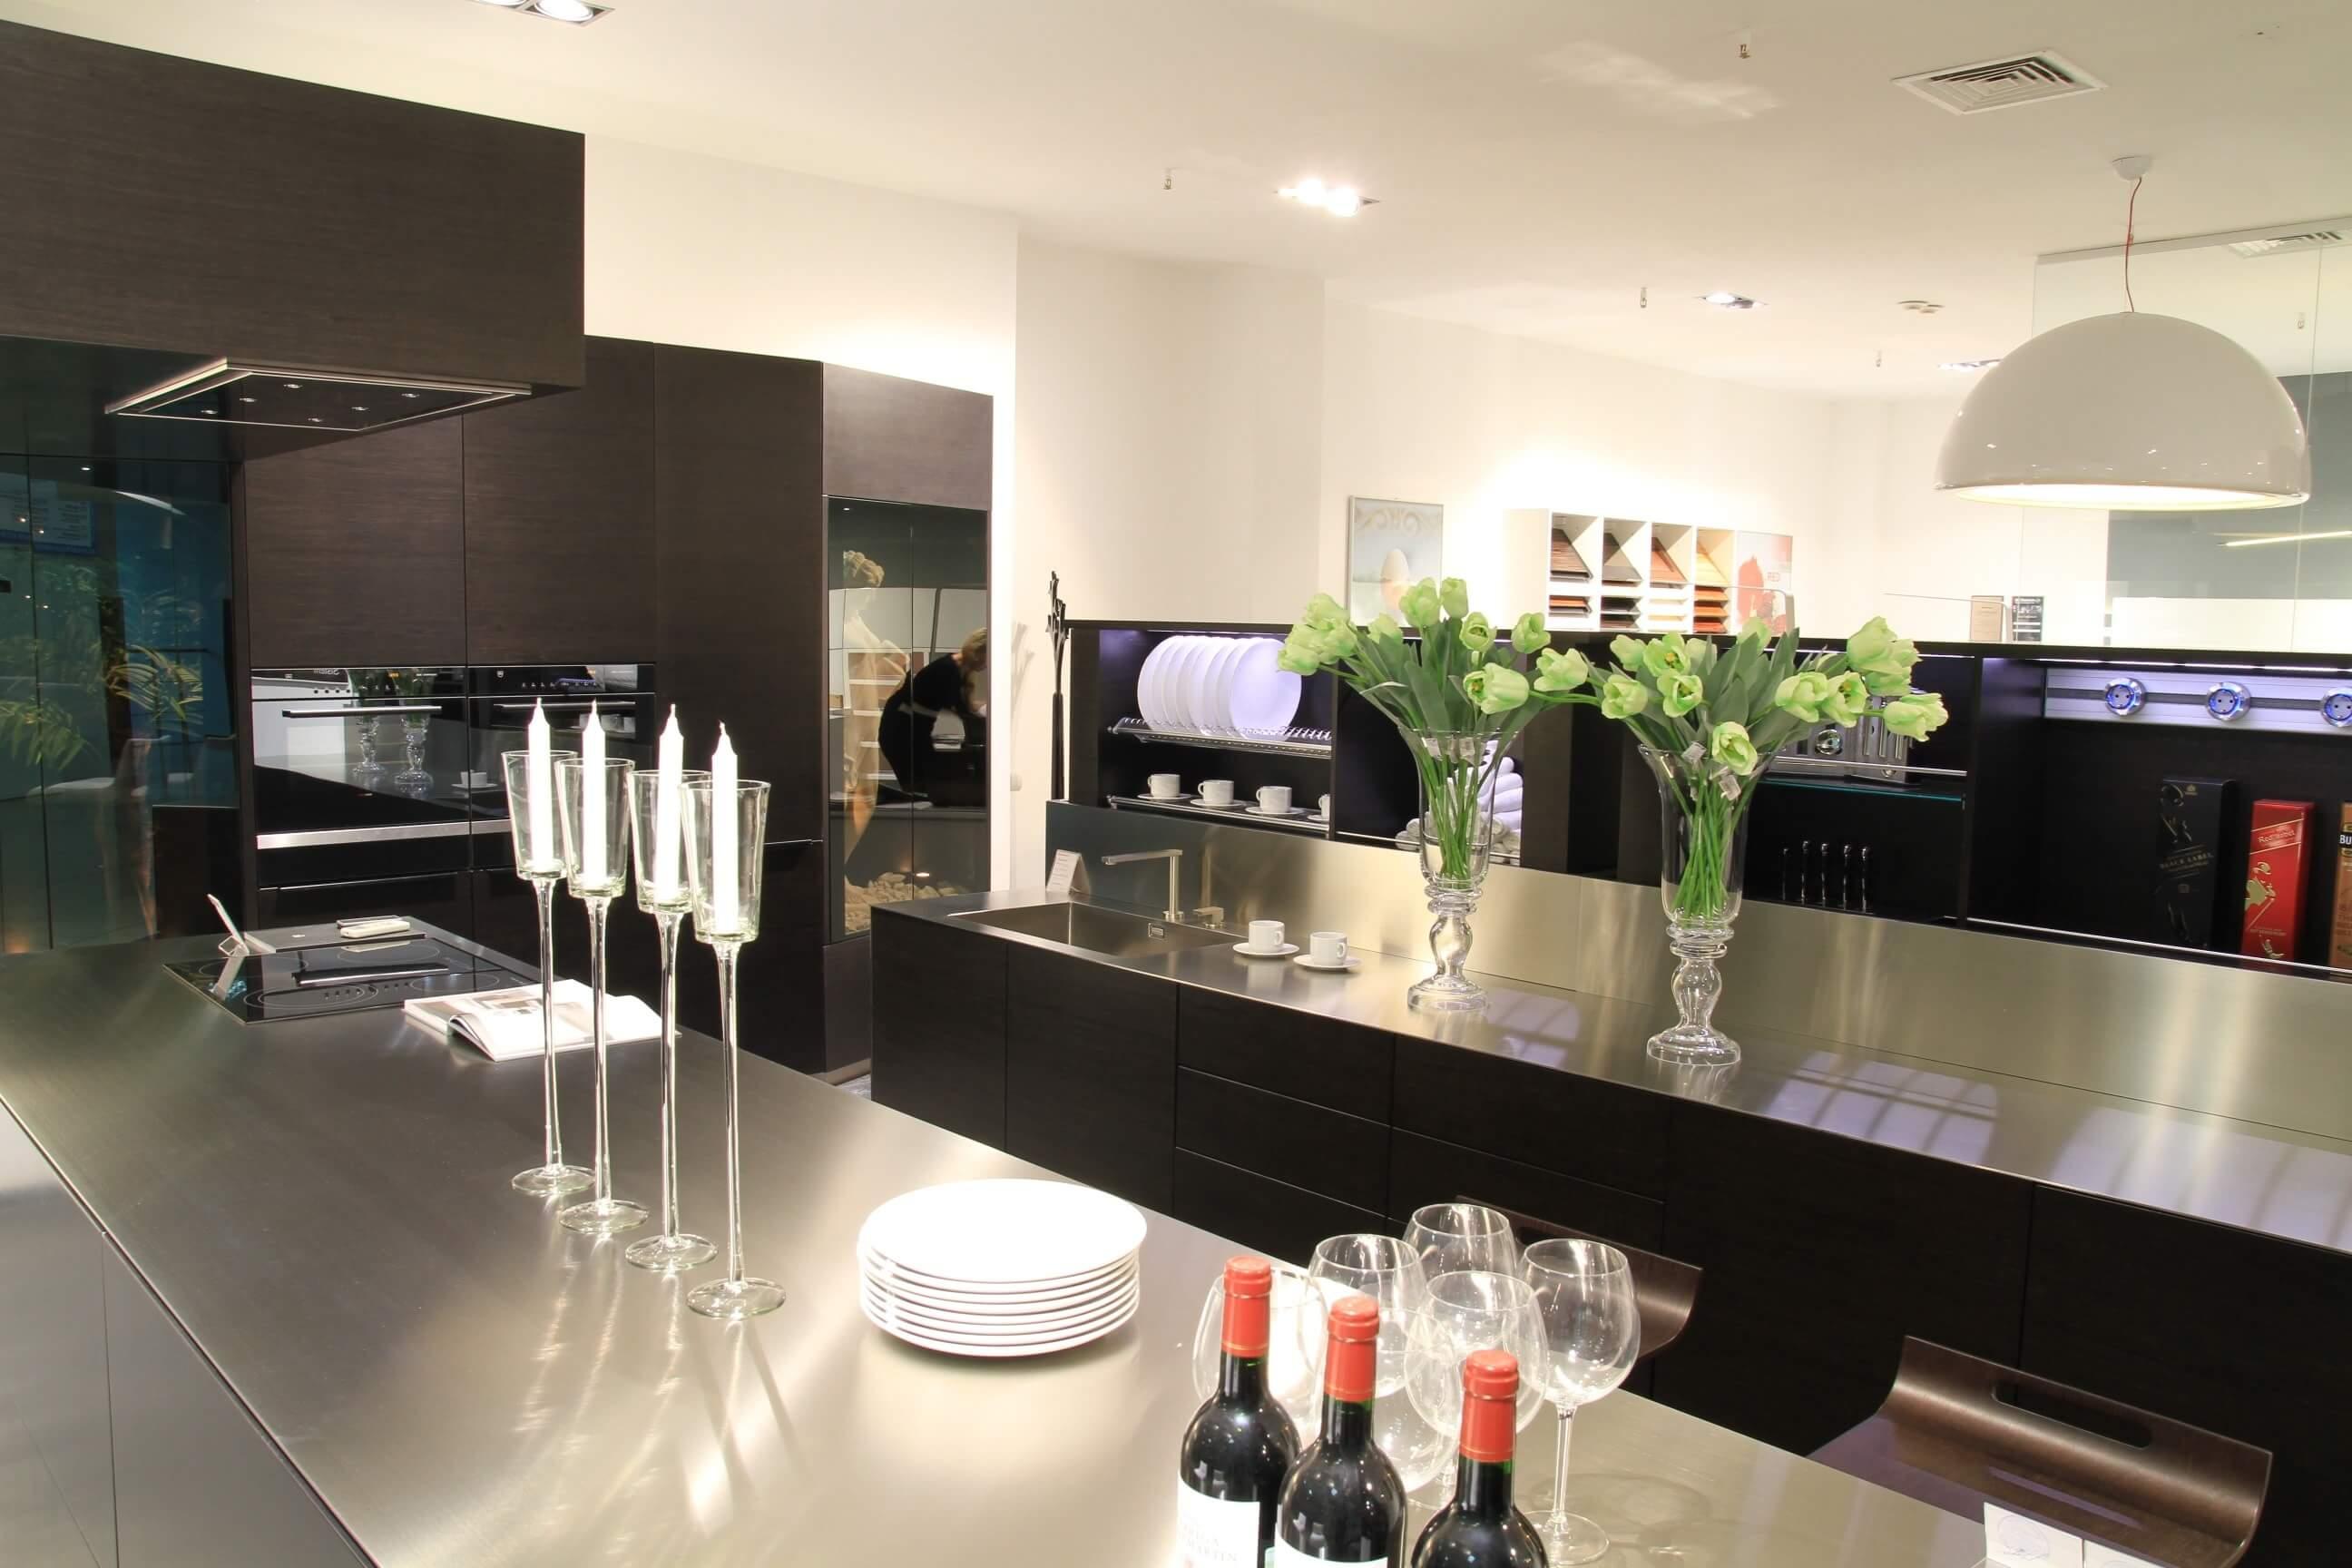 элитный дизайн интерьера в кухне